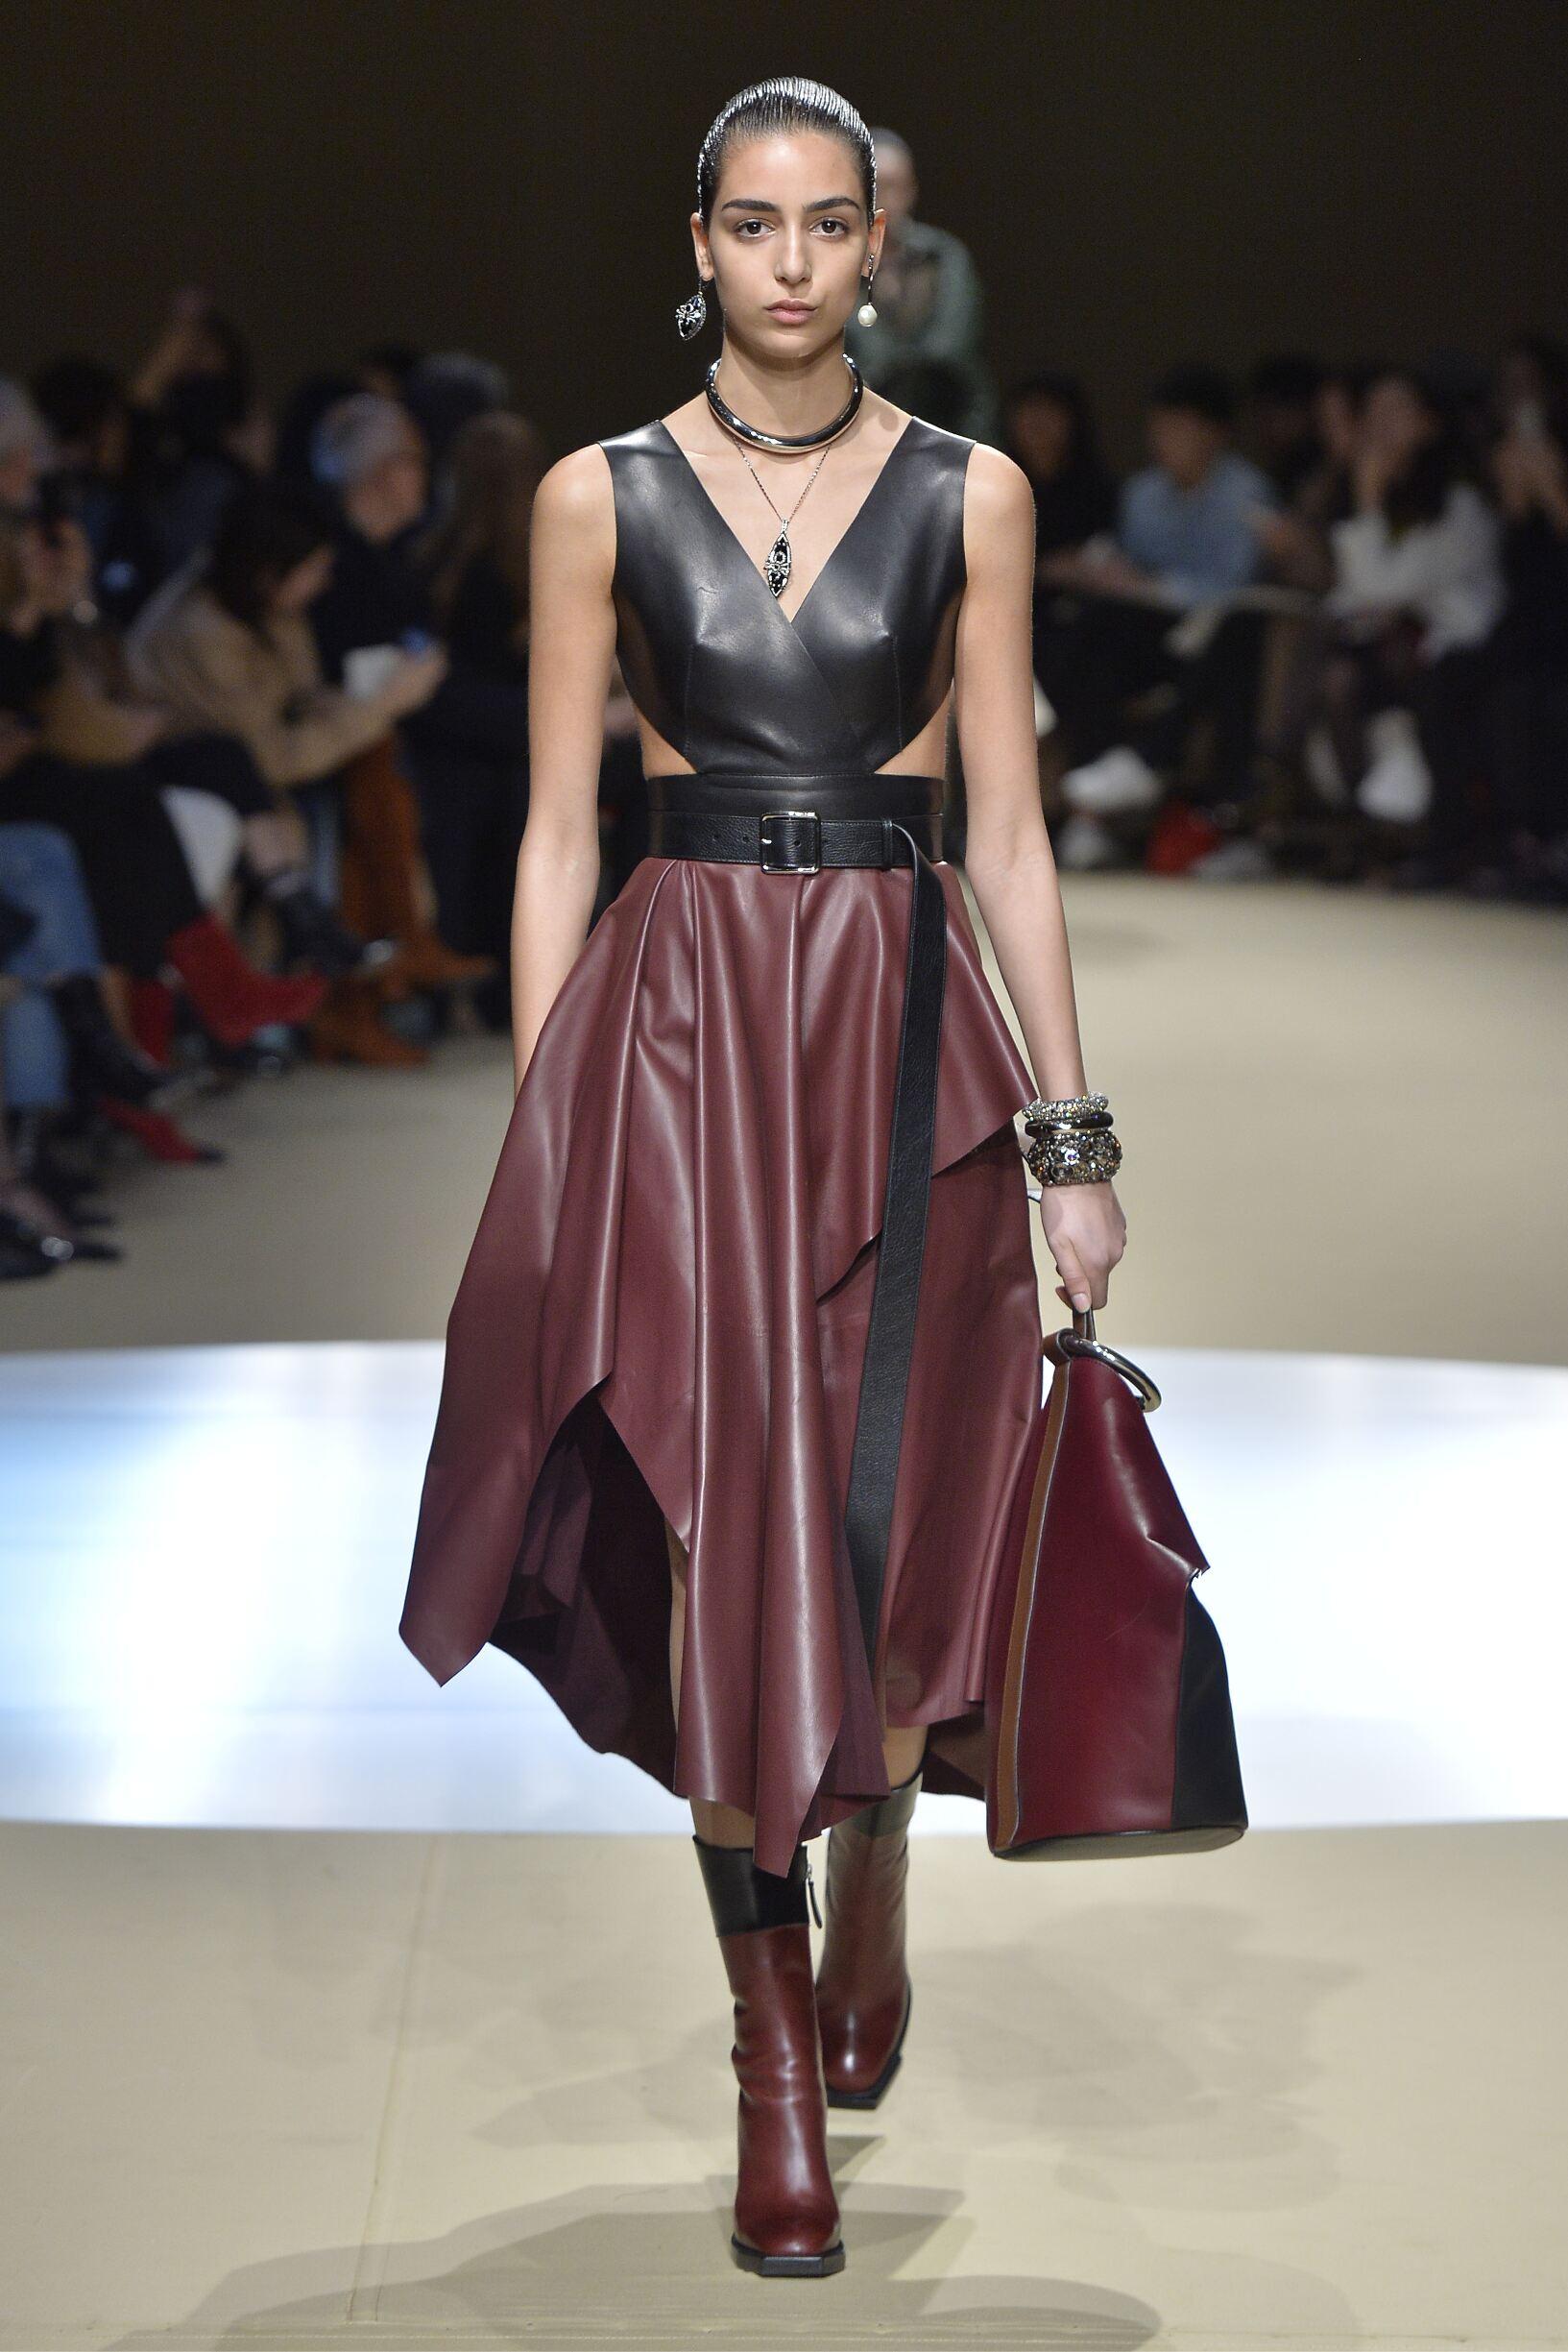 Alexander McQueen FW 2018 Womenswear